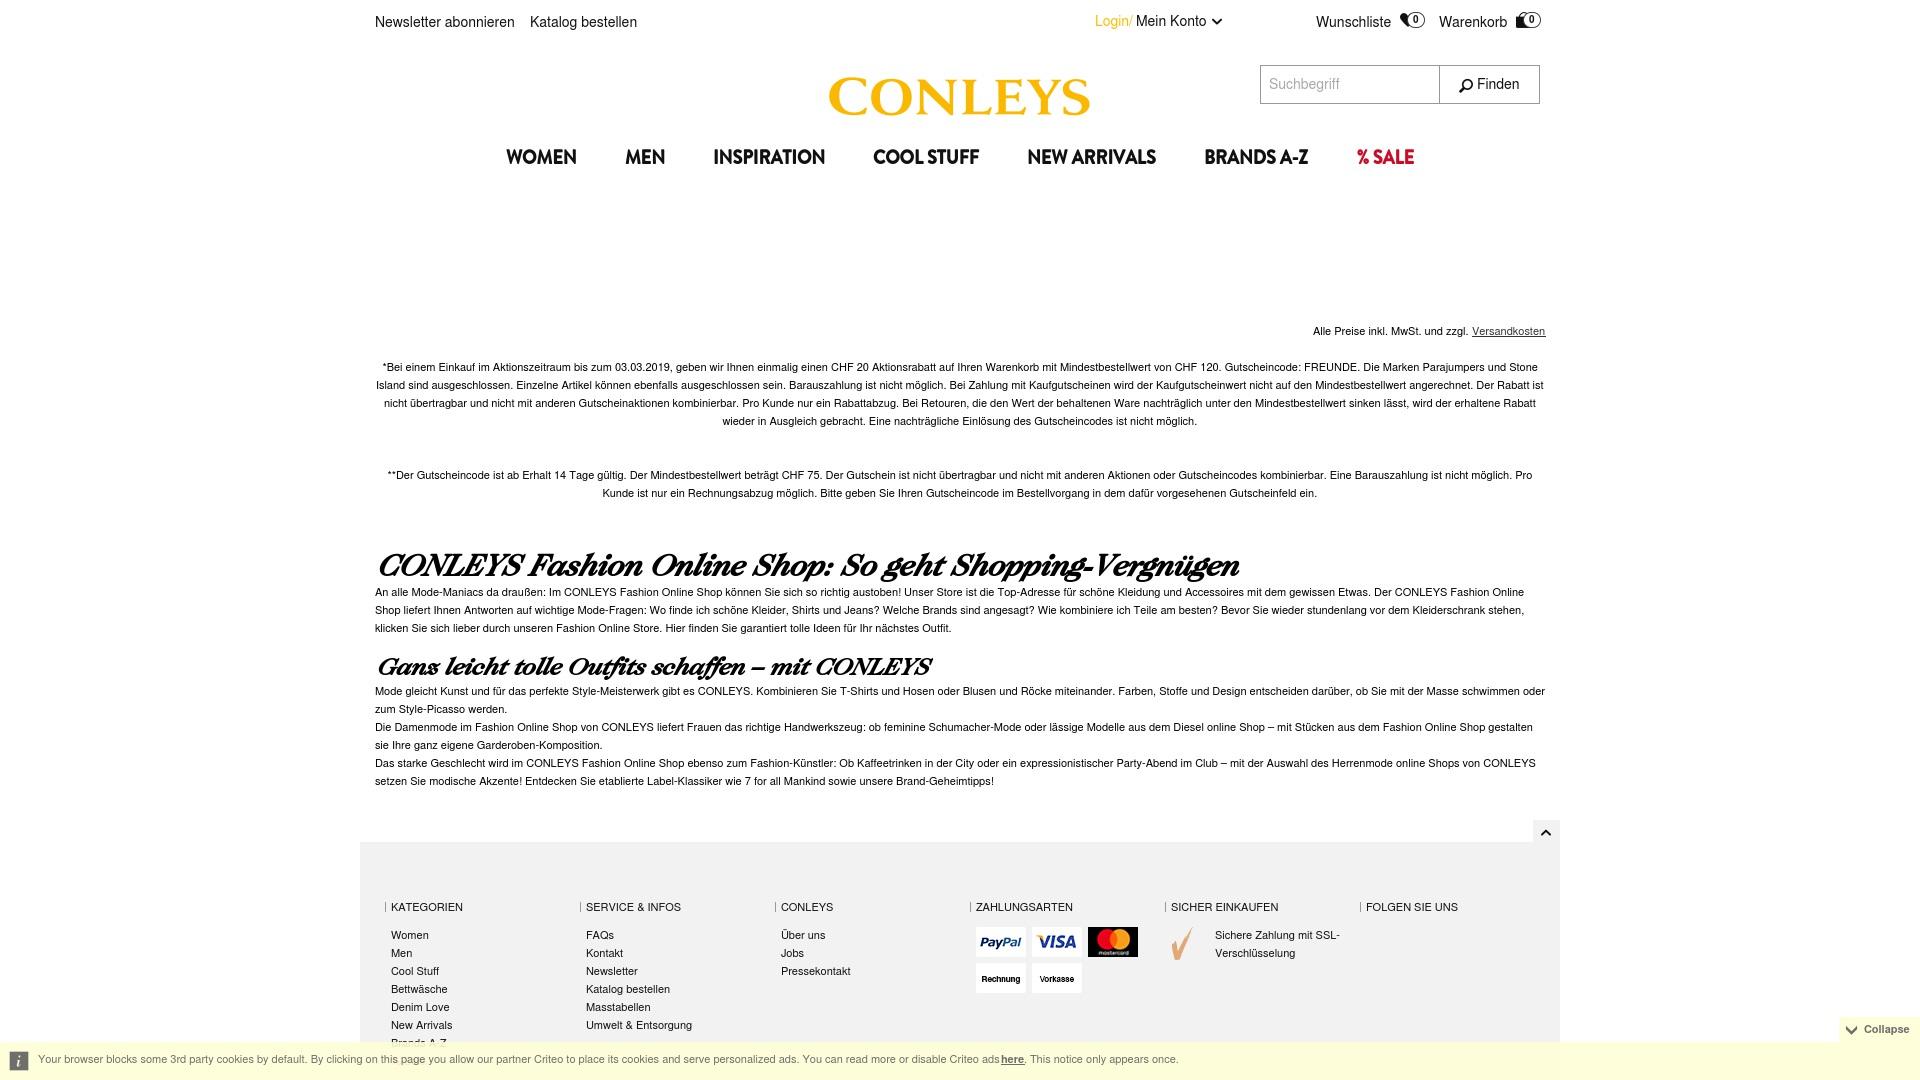 Gutschein für Conleys: Rabatte für Conleys sichern